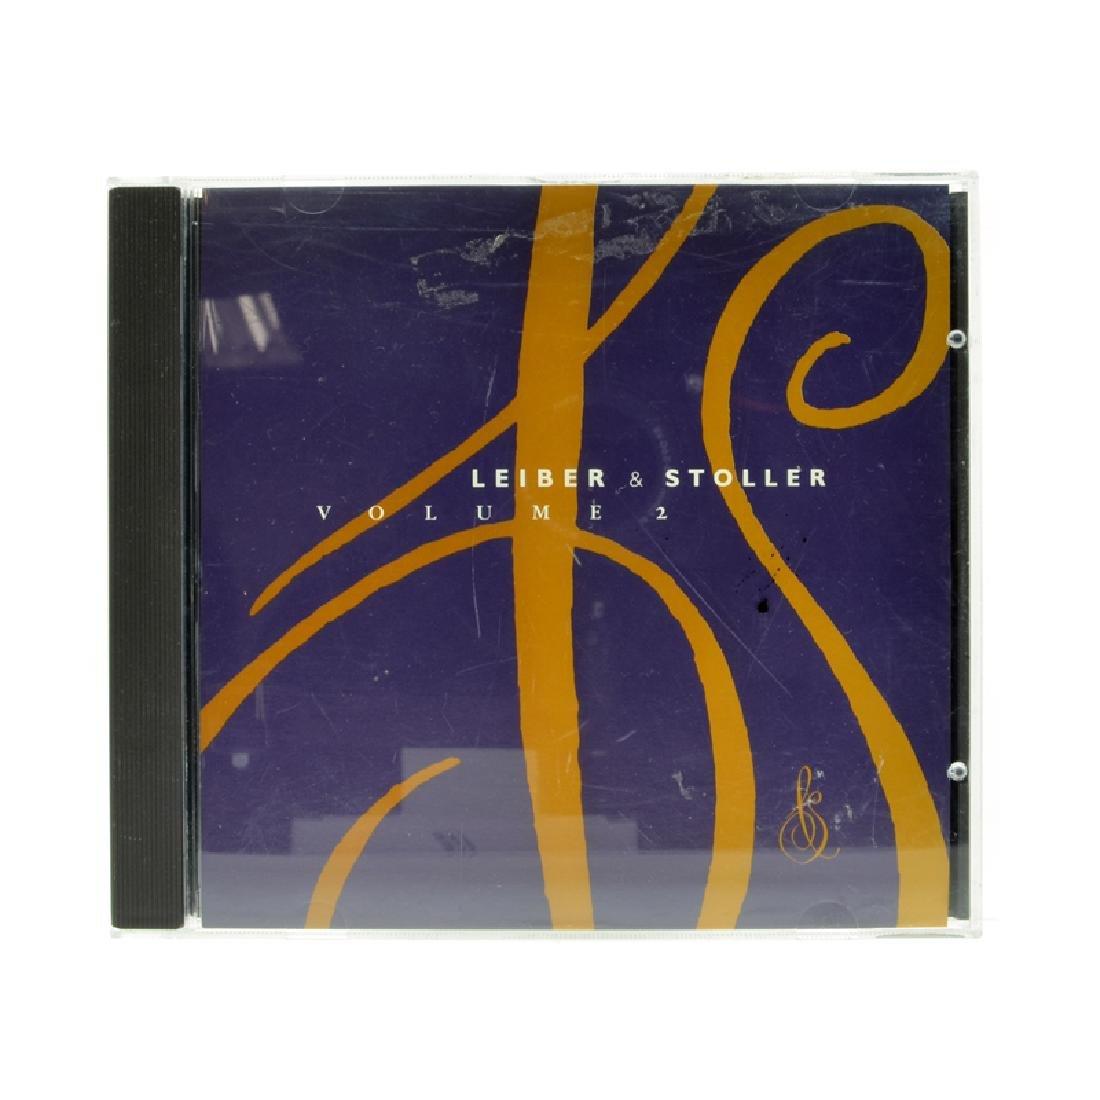 Leiber & Stoller Volume 2 CD